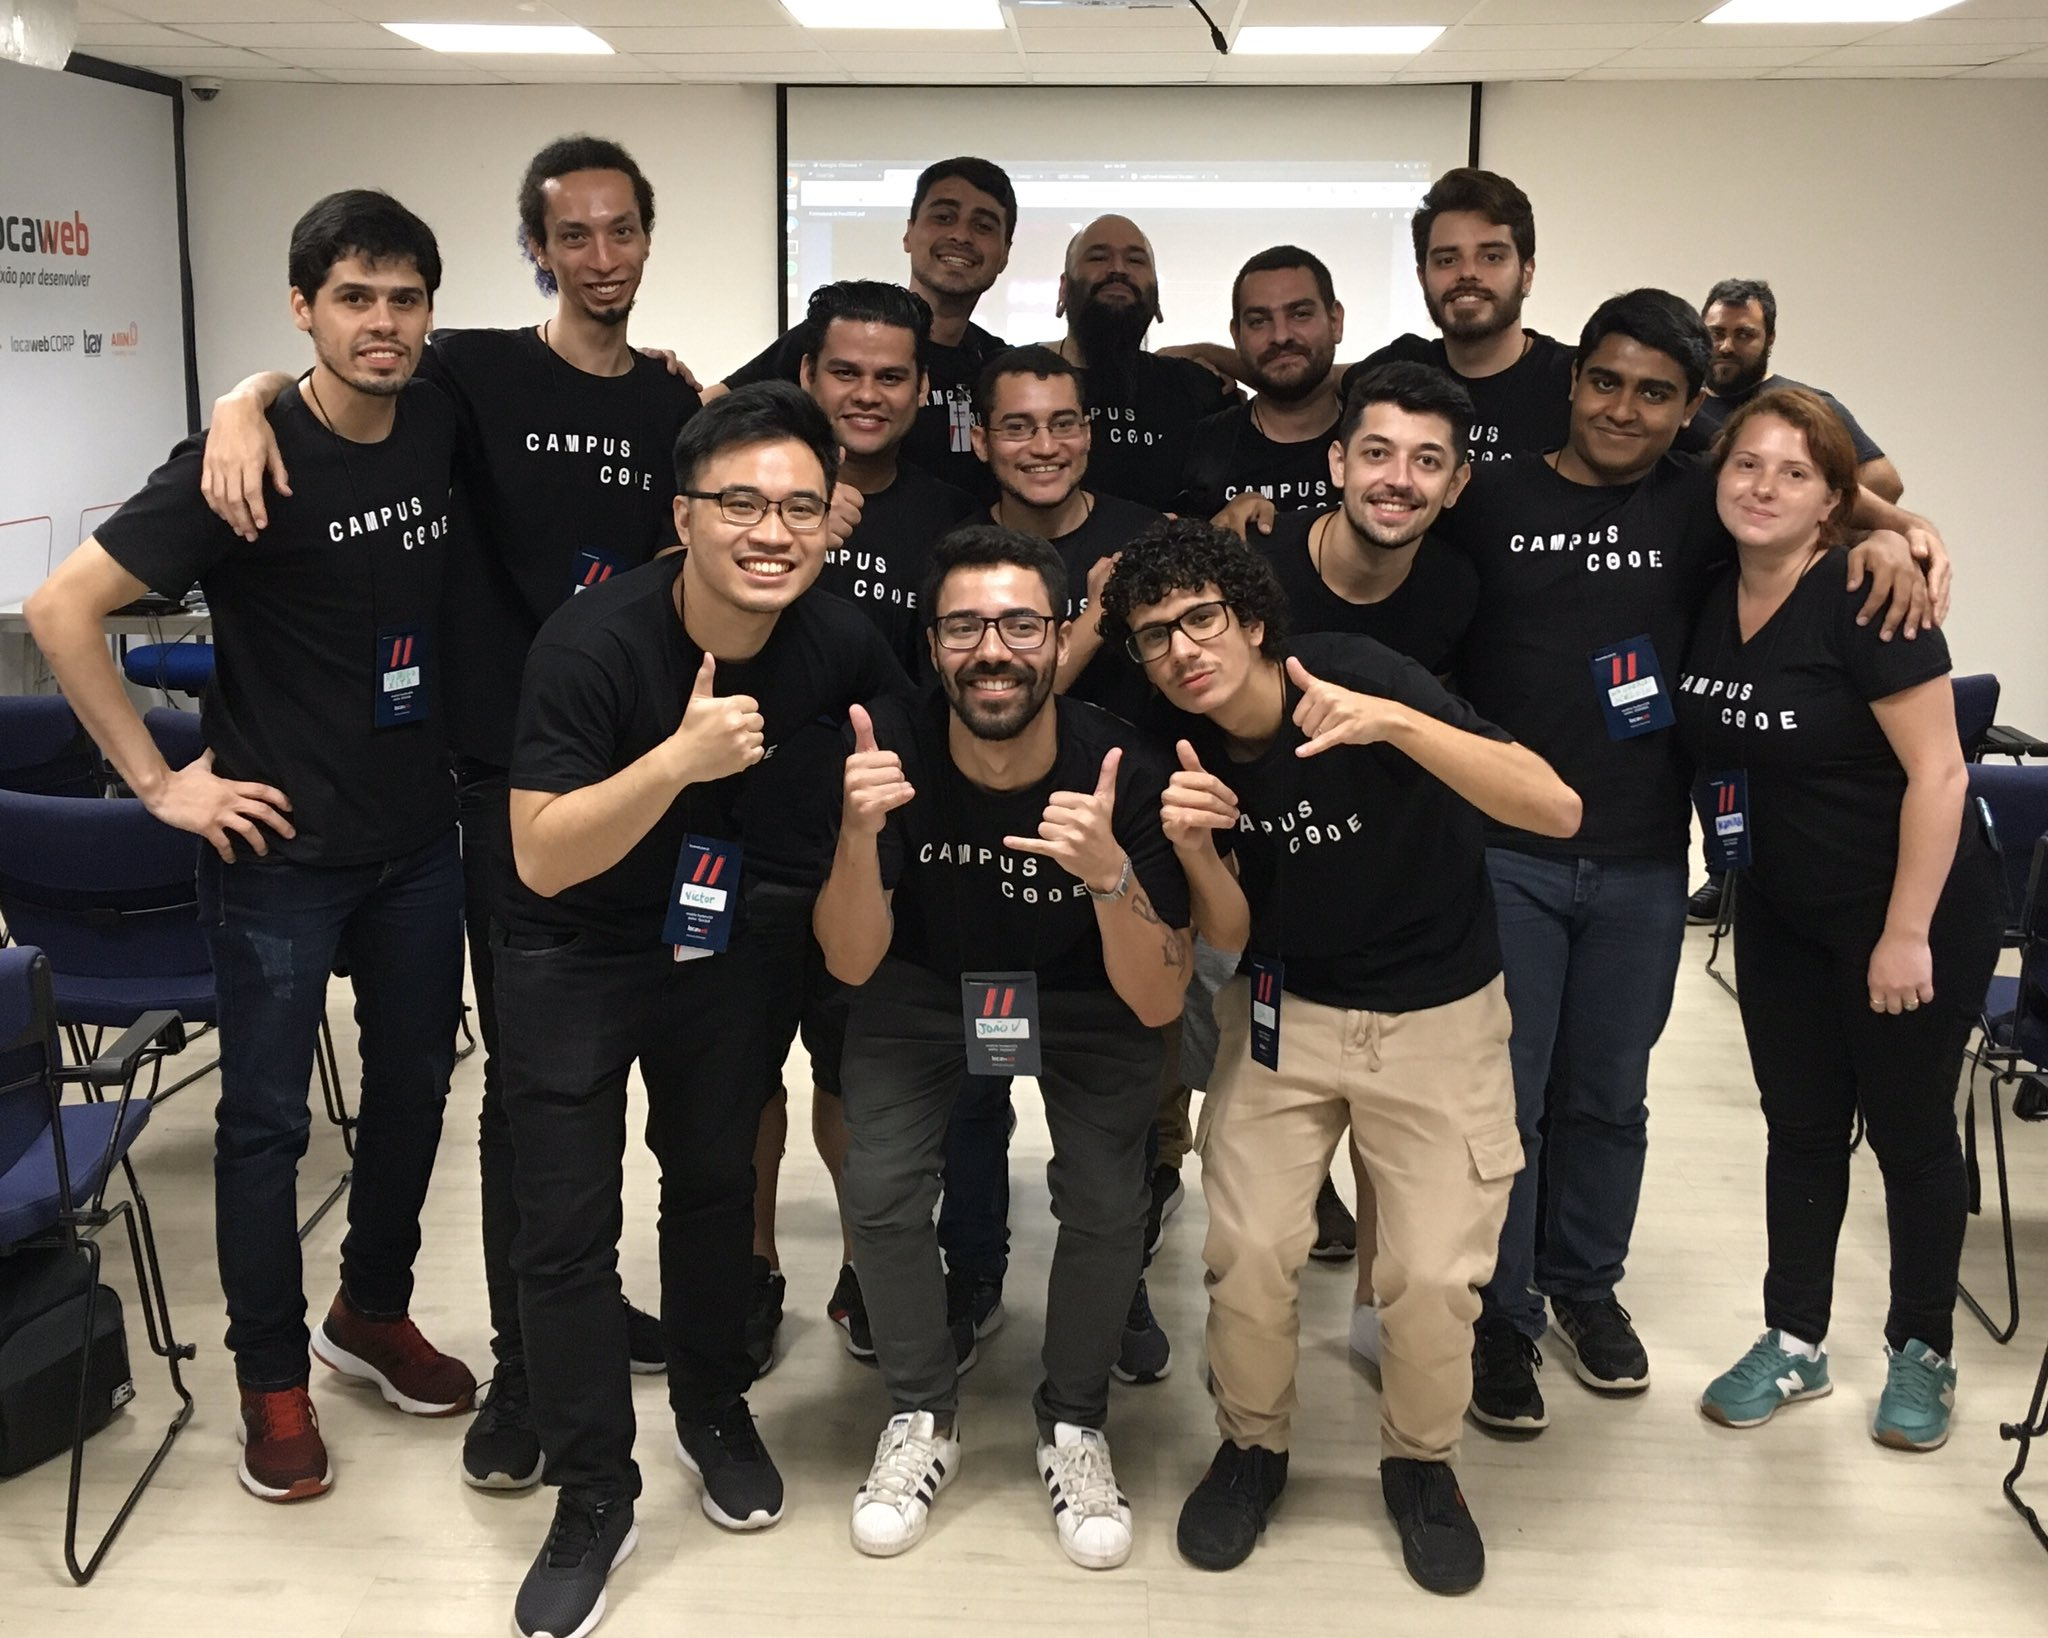 Foto dos 14 participantes juntos.